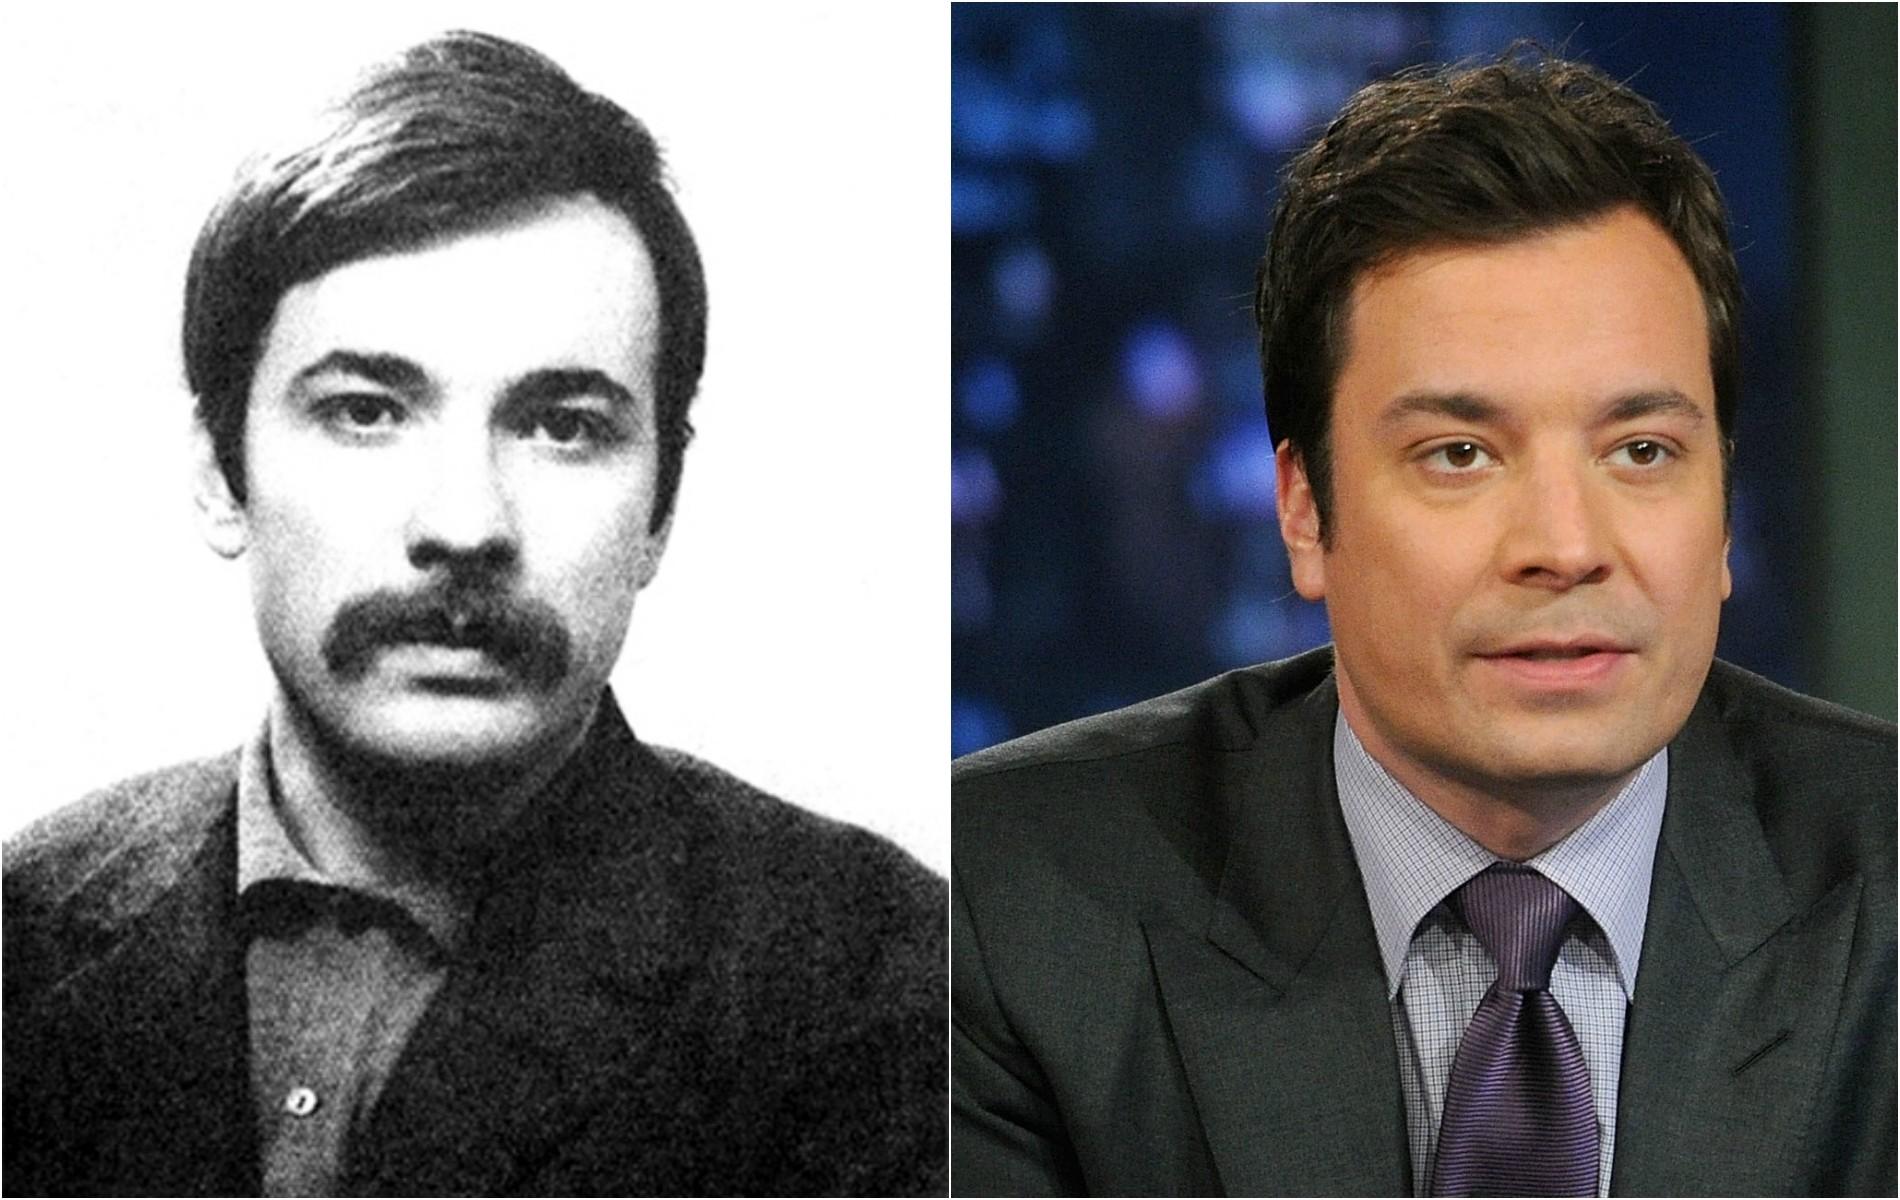 O apresentador e humorista Jimmy Fallon e o líder marxista turco Mahir Çayan (1946-1972). (Foto: Reprodução e Getty Images)